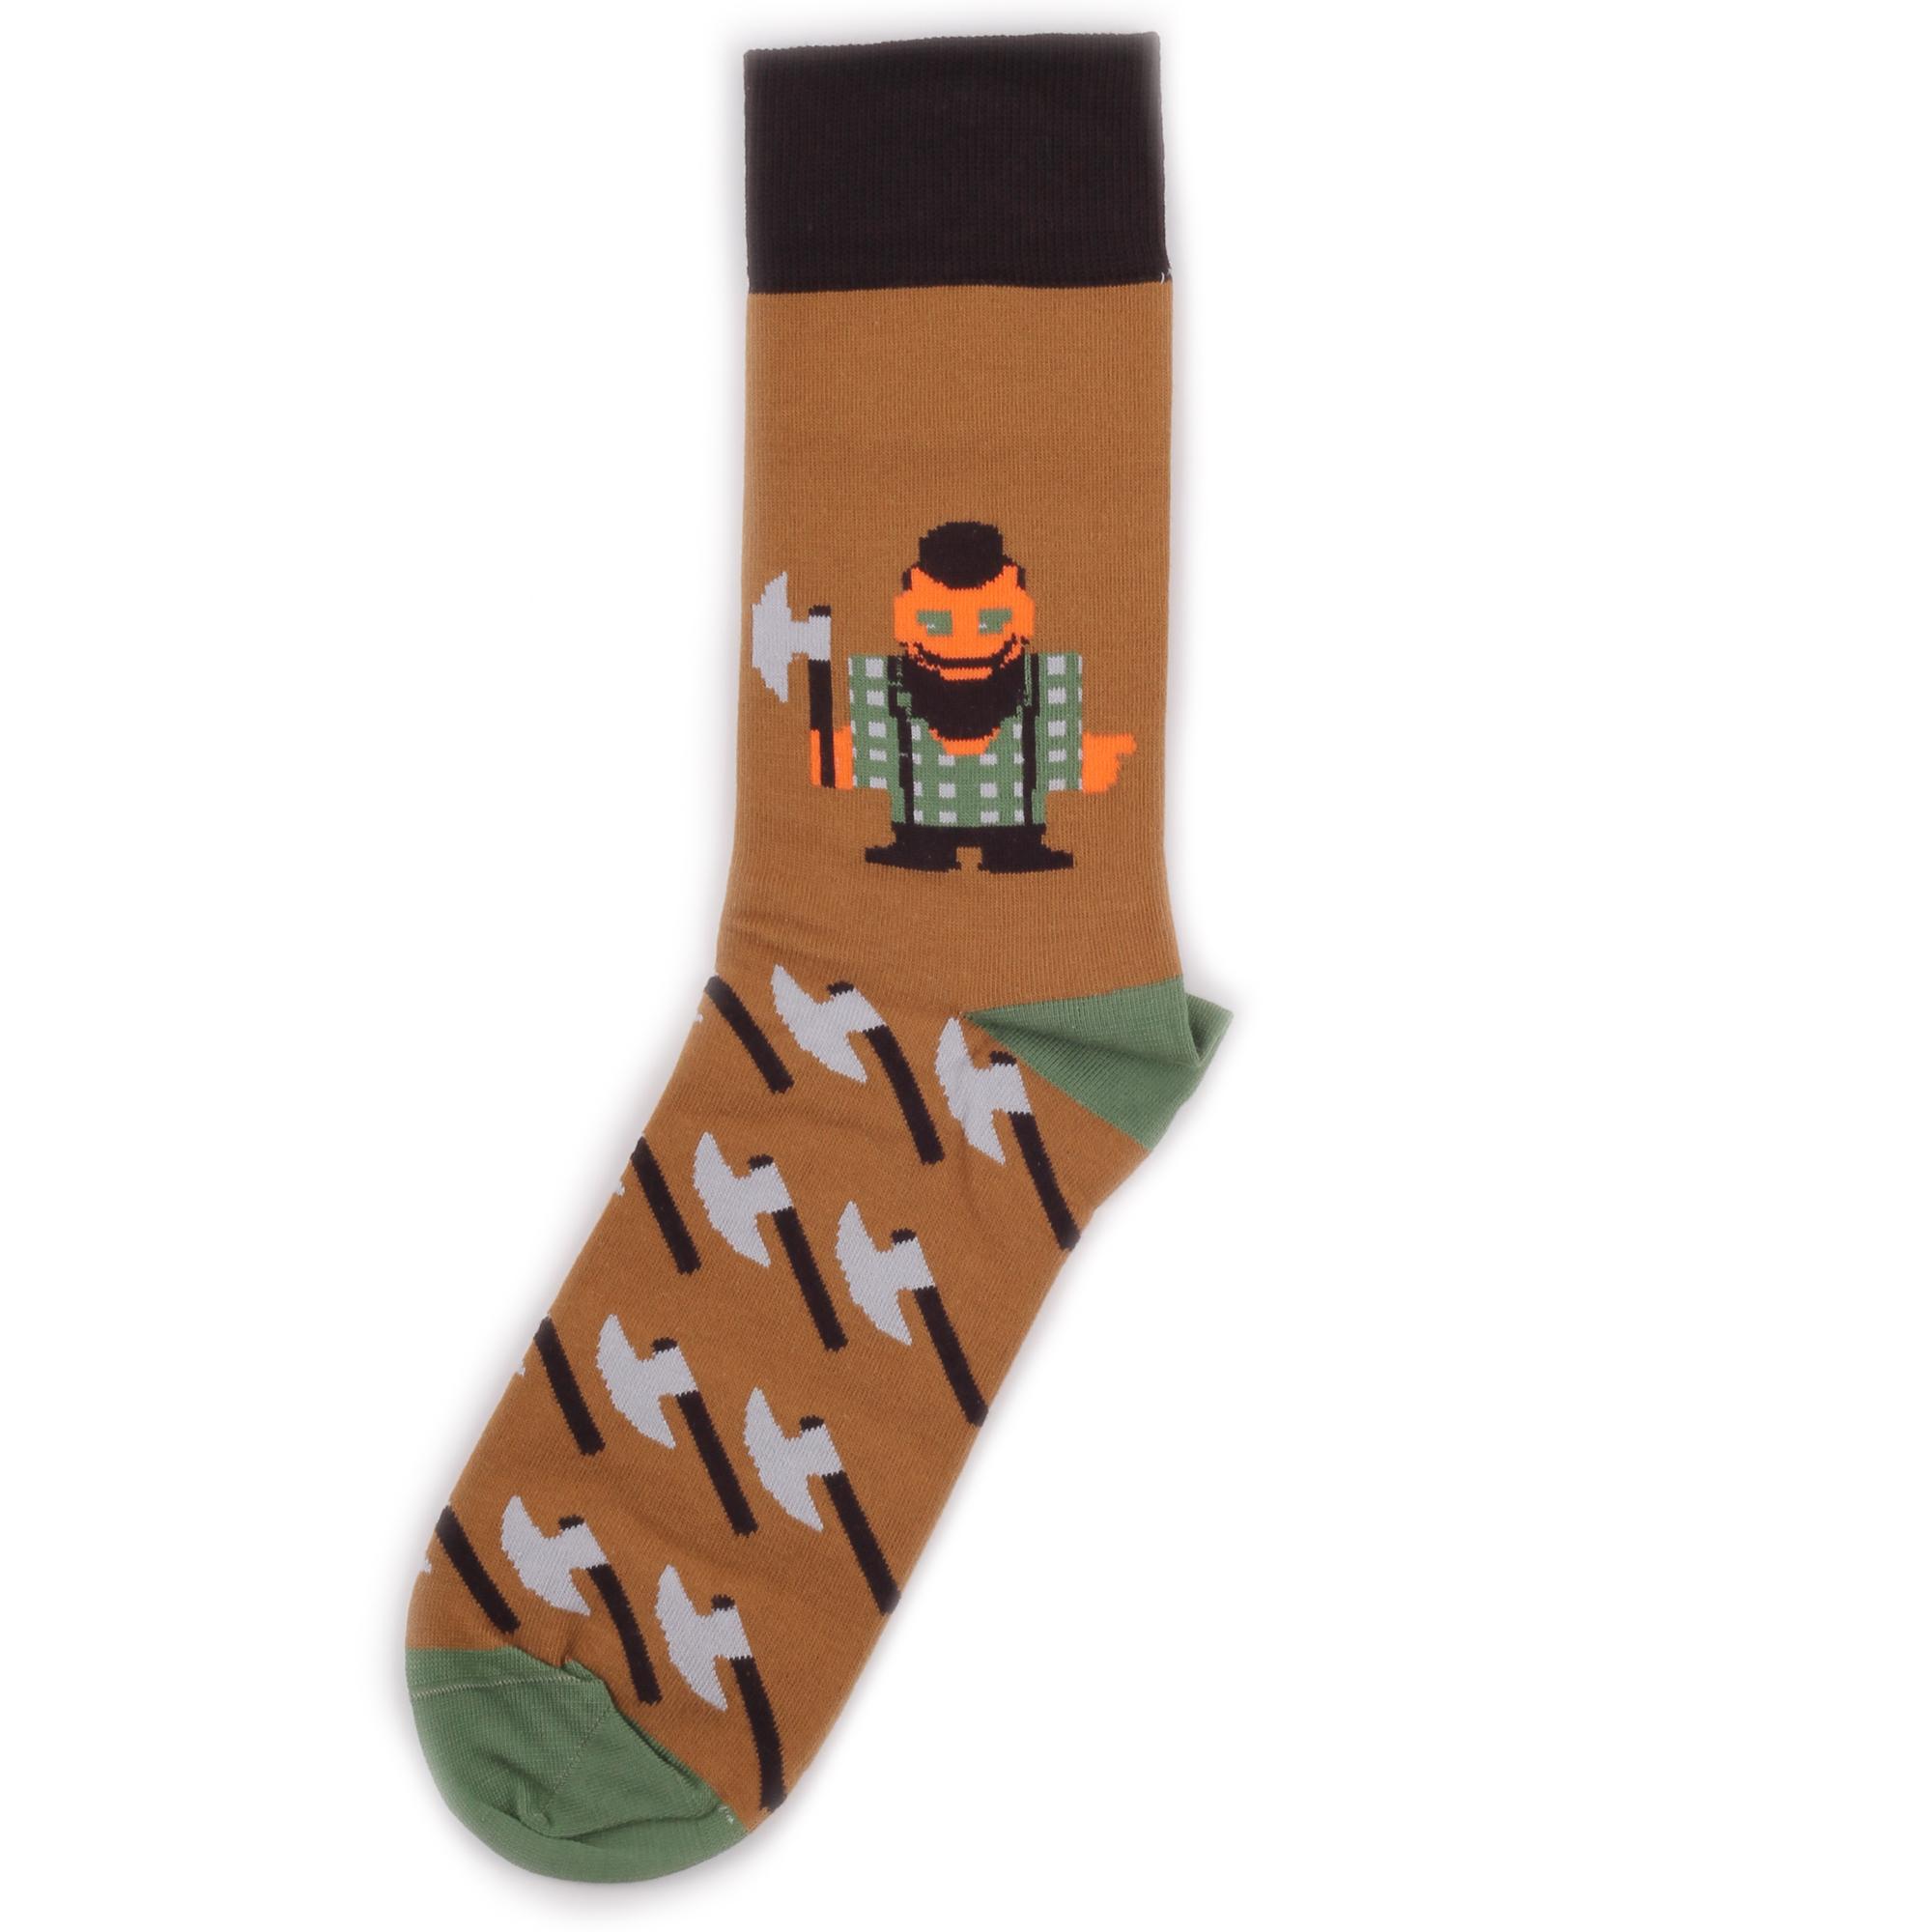 Носки унисекс St.Friday Socks BH_LumberjackBrown разноцветные 36-38